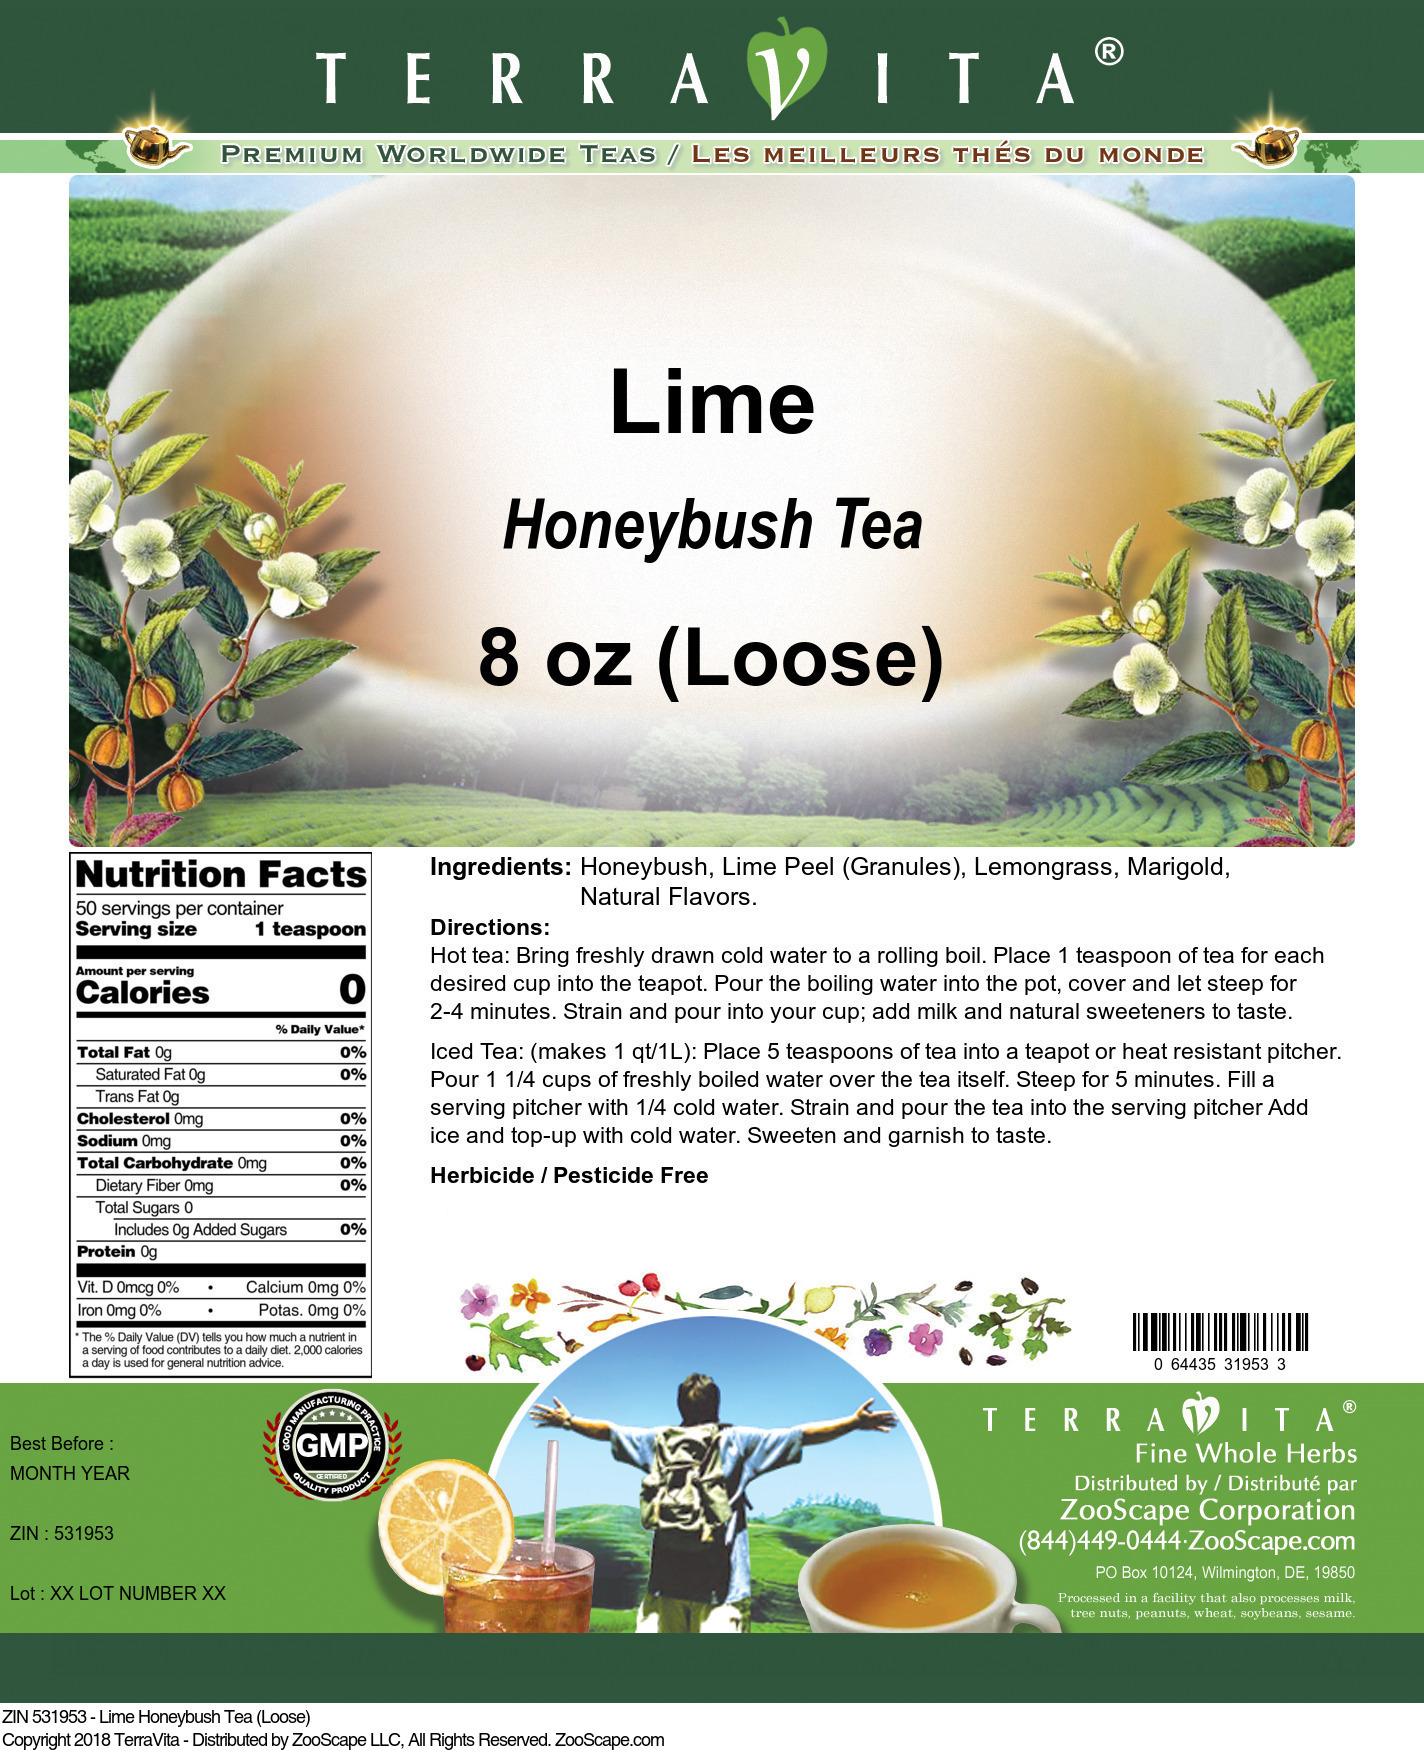 Lime Honeybush Tea (Loose)